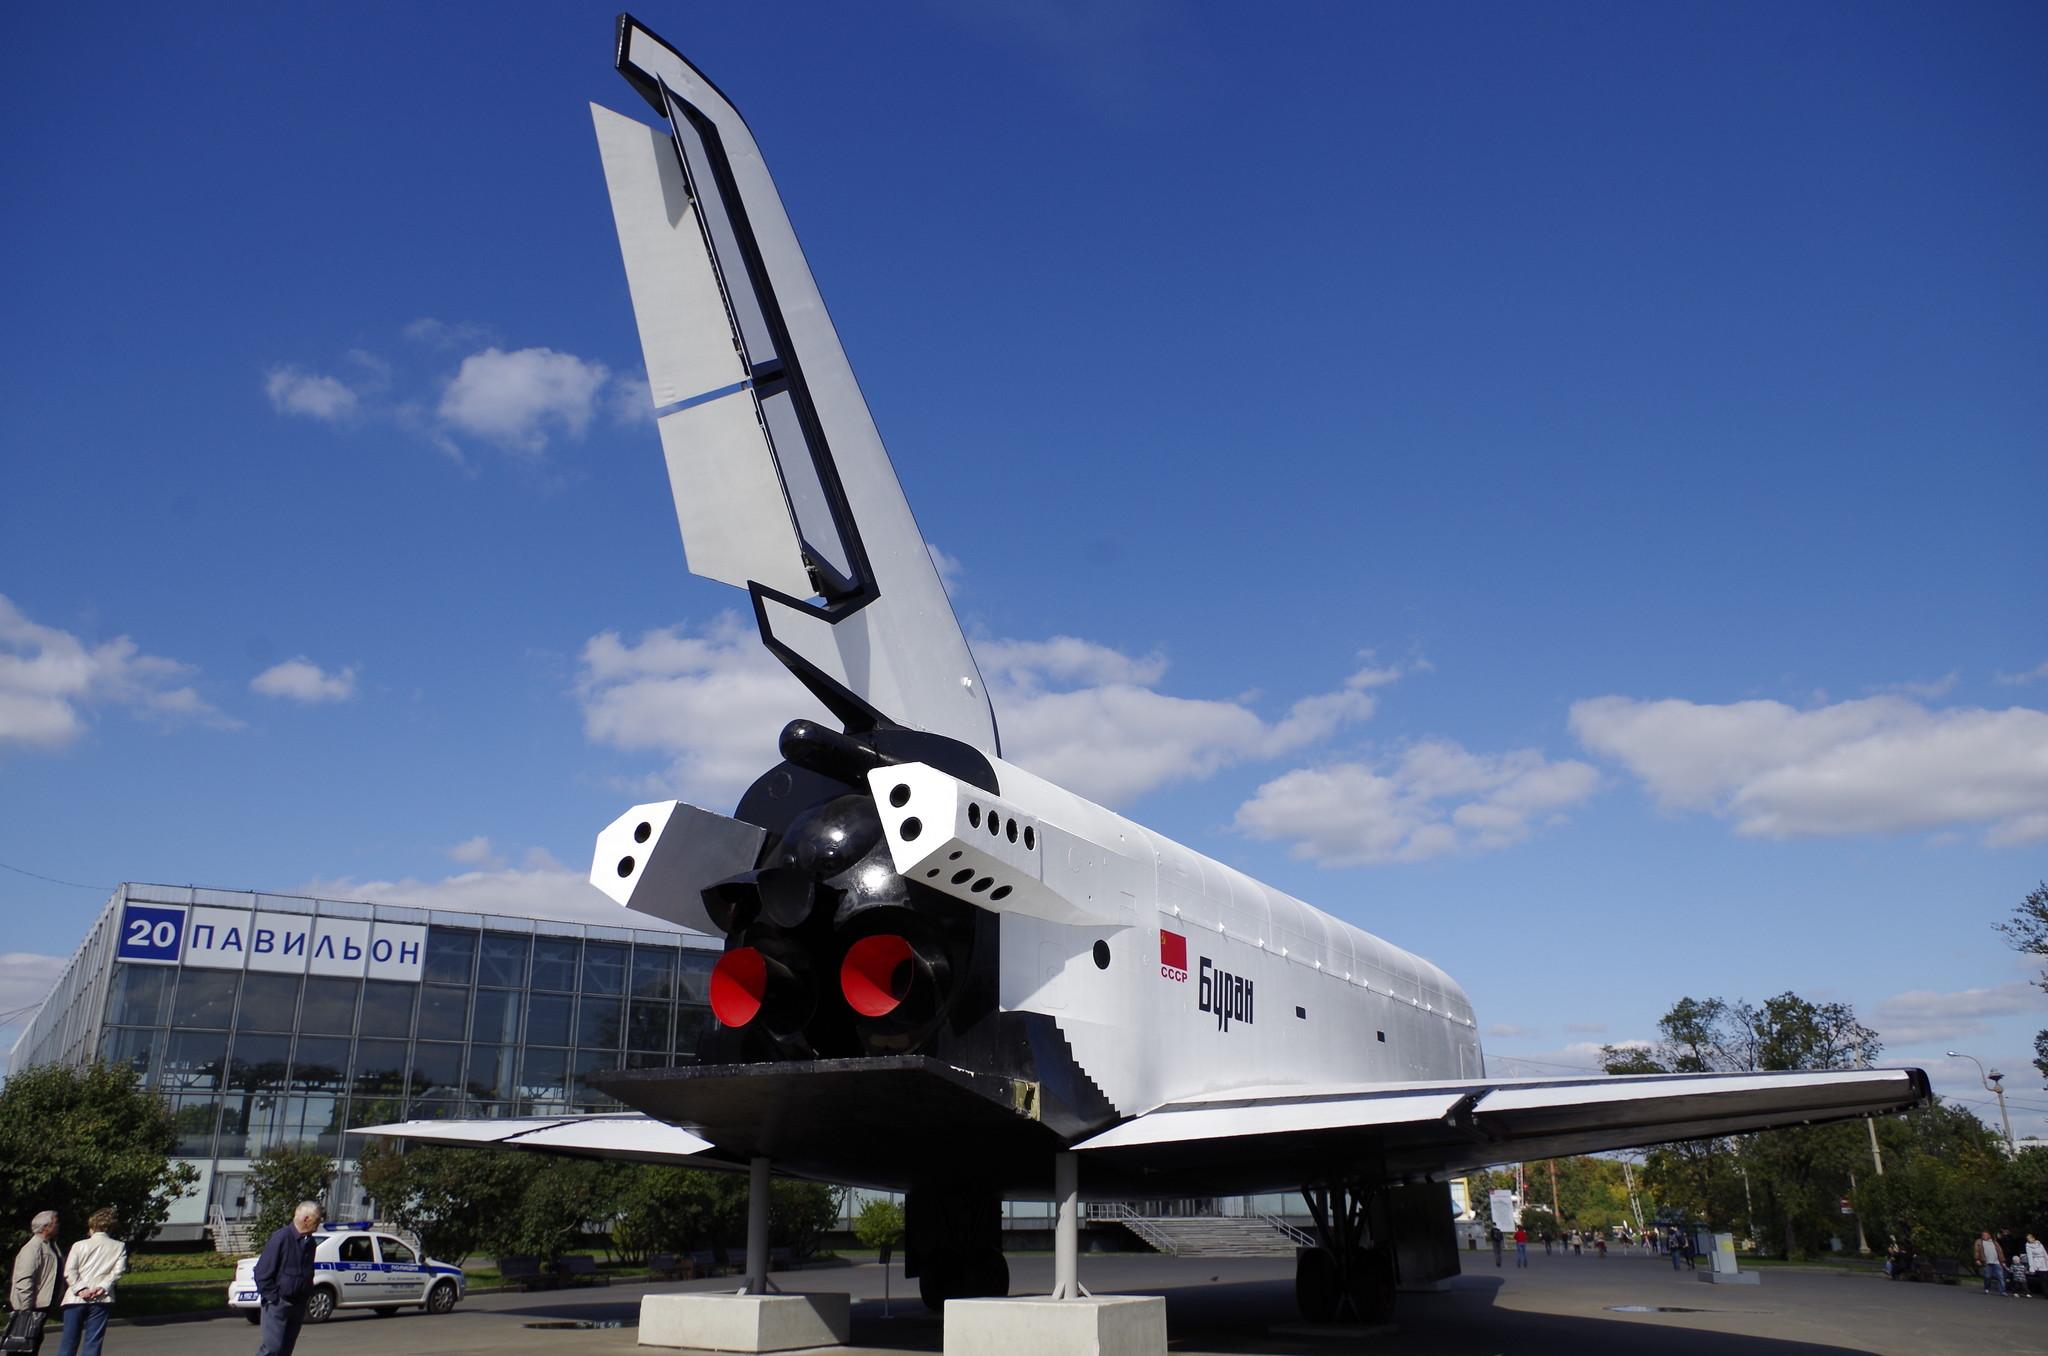 БТС-001 ОК-МЛ-1 (изделие 0.01) использовался для отработки воздушной транспортировки орбитального комплекса